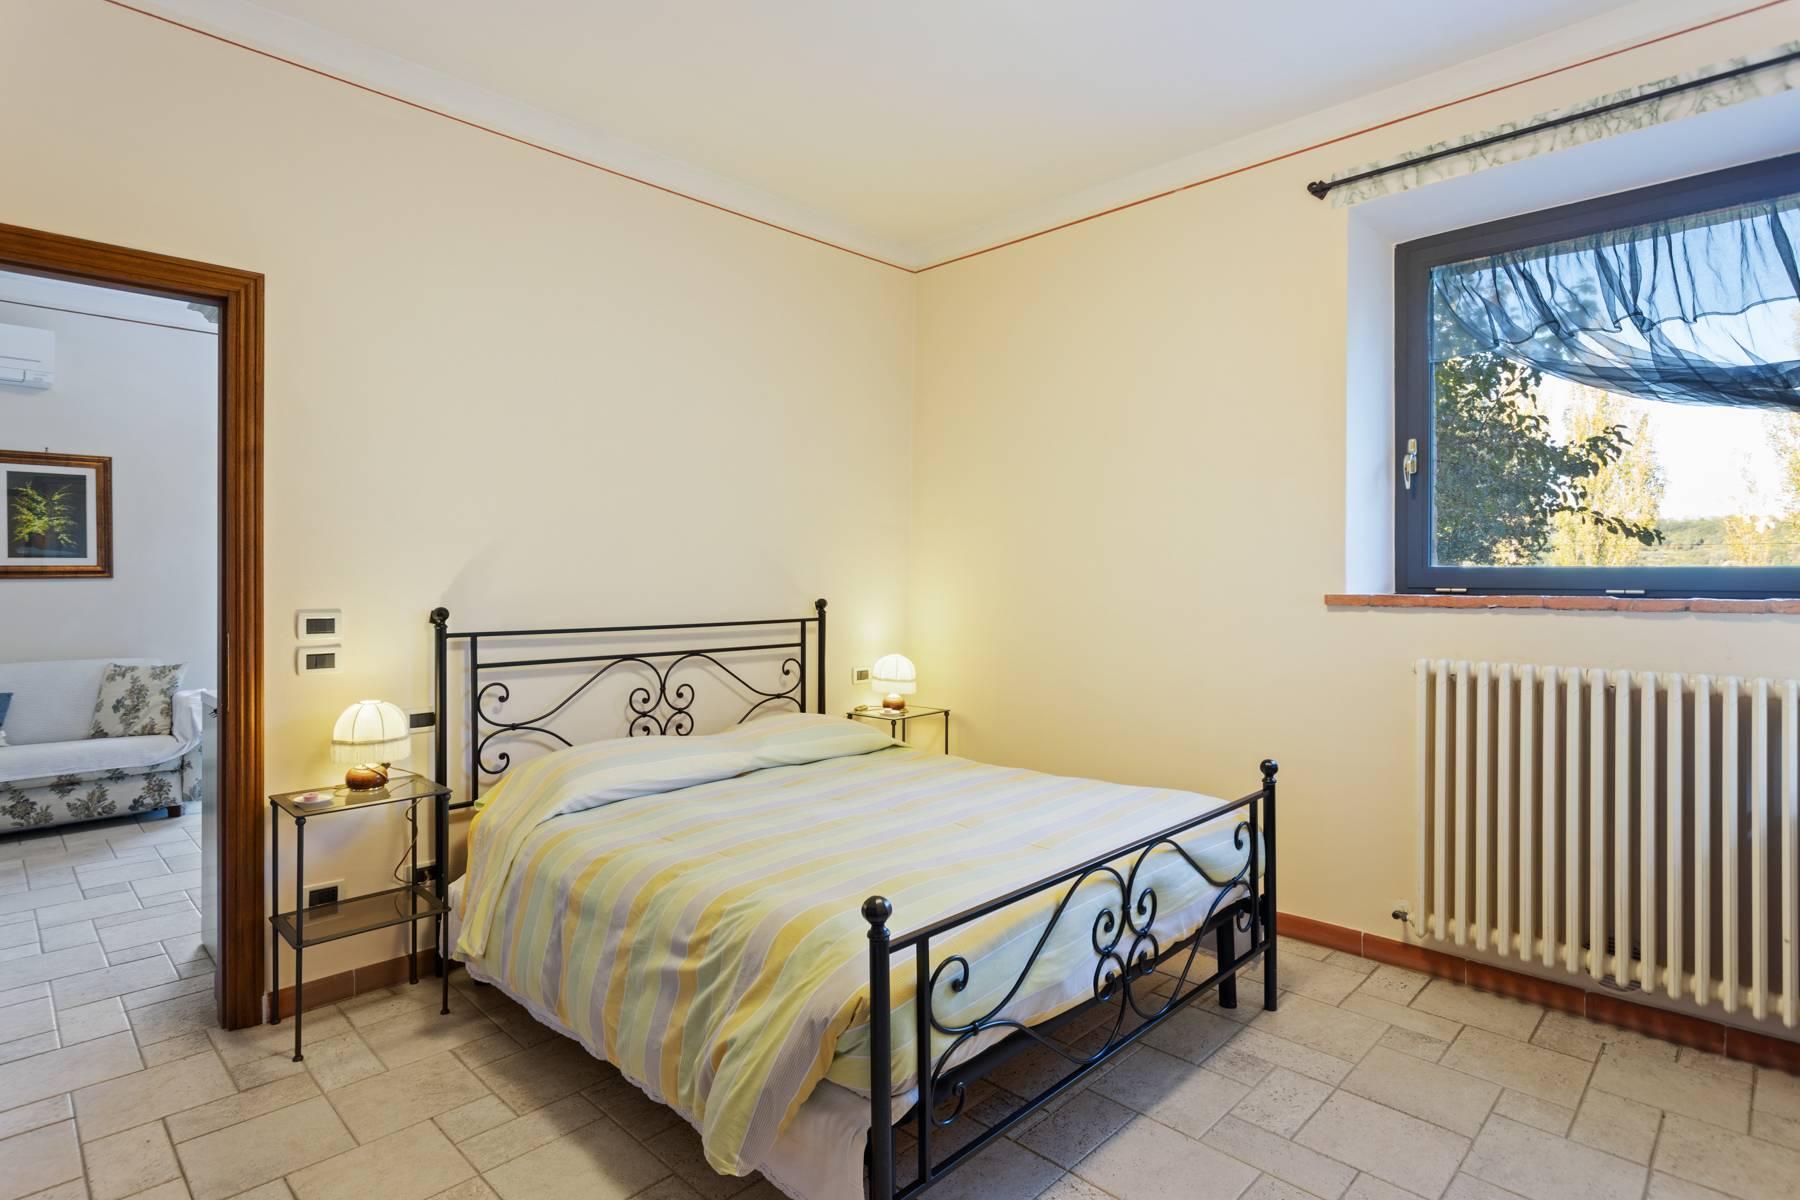 Rustico in Vendita a Montepulciano: 5 locali, 561 mq - Foto 21